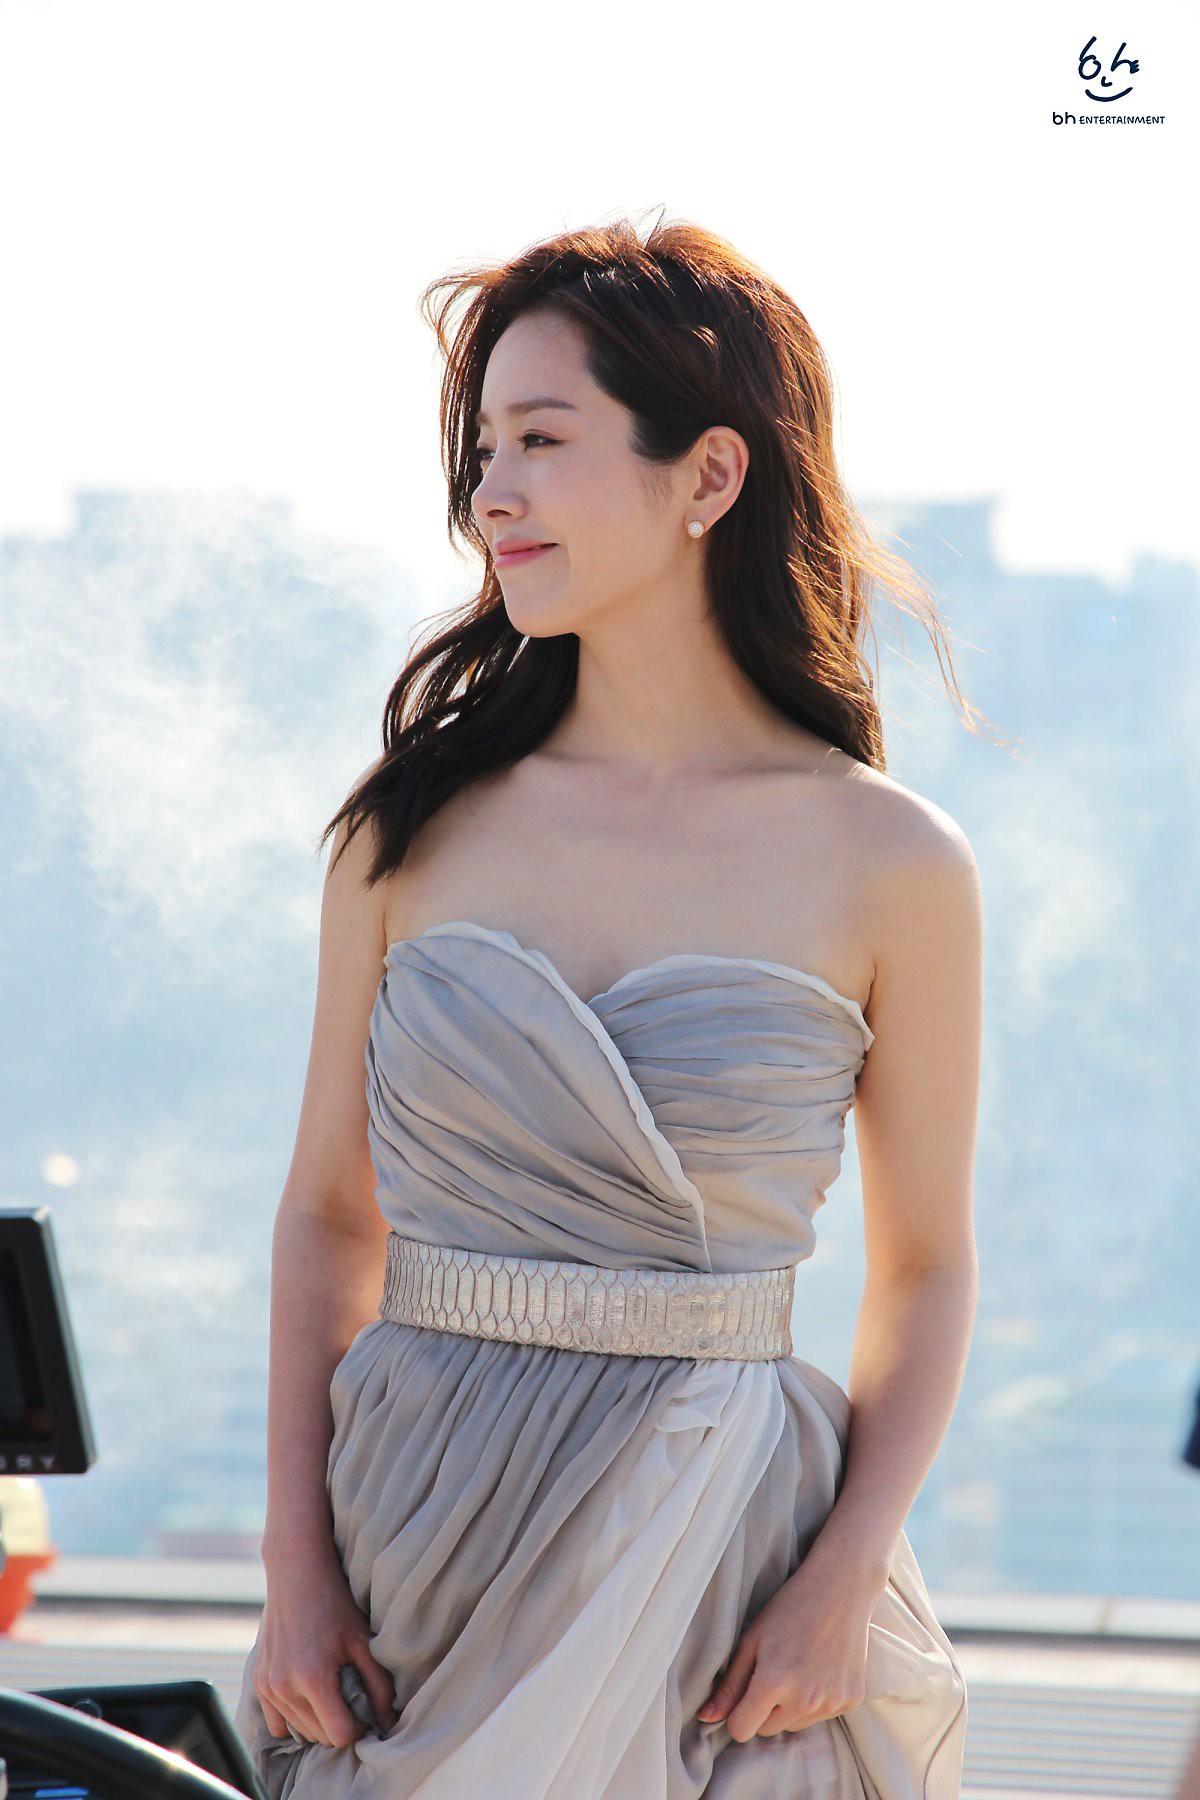 Nhìn Han Ji Min trước và sau khi lên đồ, mới thấy các chị em cứ biến hình là không thể đùa được! - Ảnh 12.